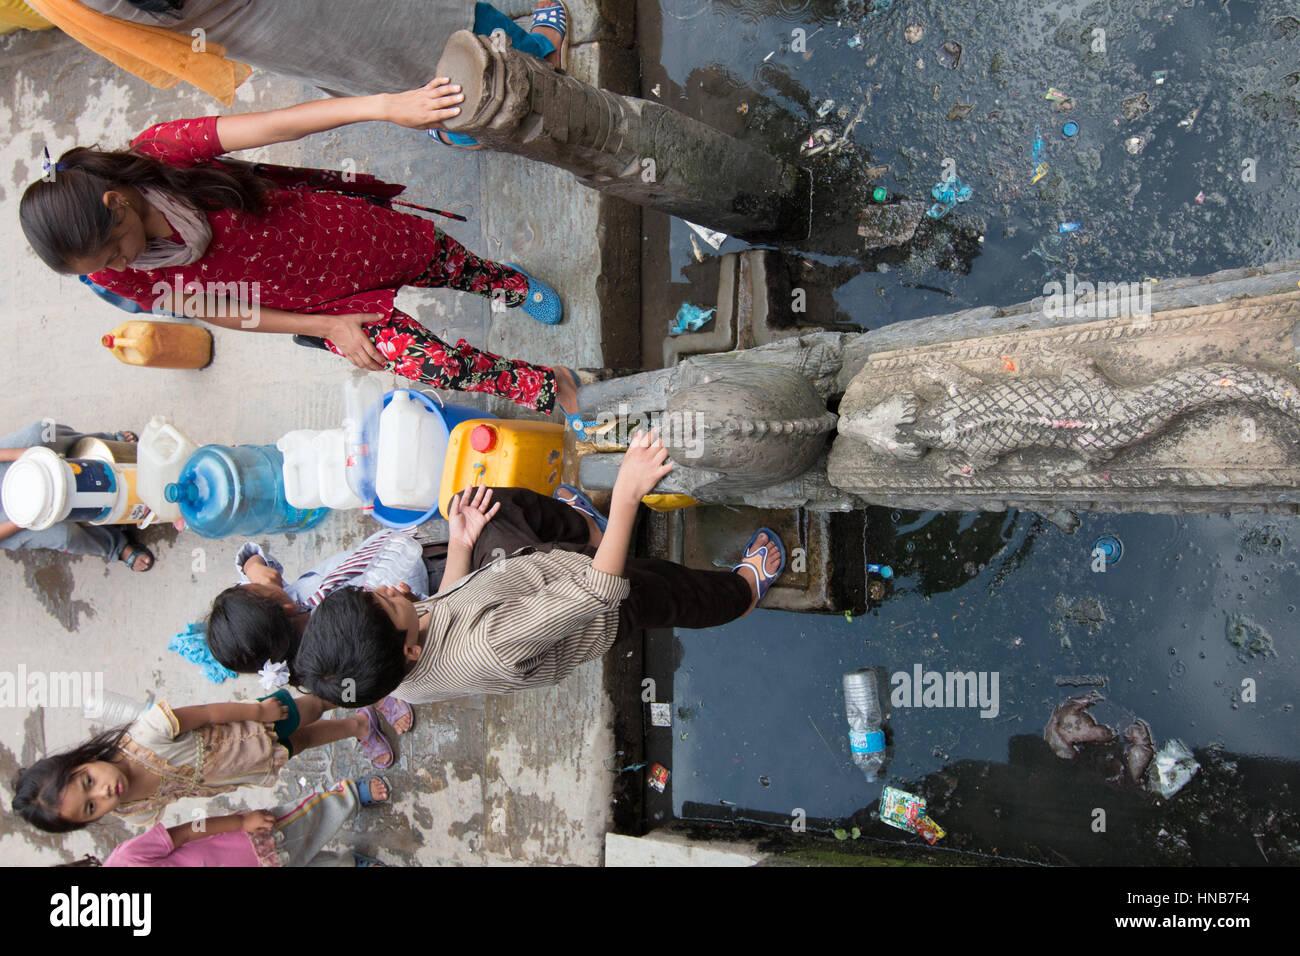 Le ragazze di raccogliere acqua in Kathmandu, Nepal, dal bronzo acqua beccucci in una pubblica piazza che proviene Immagini Stock